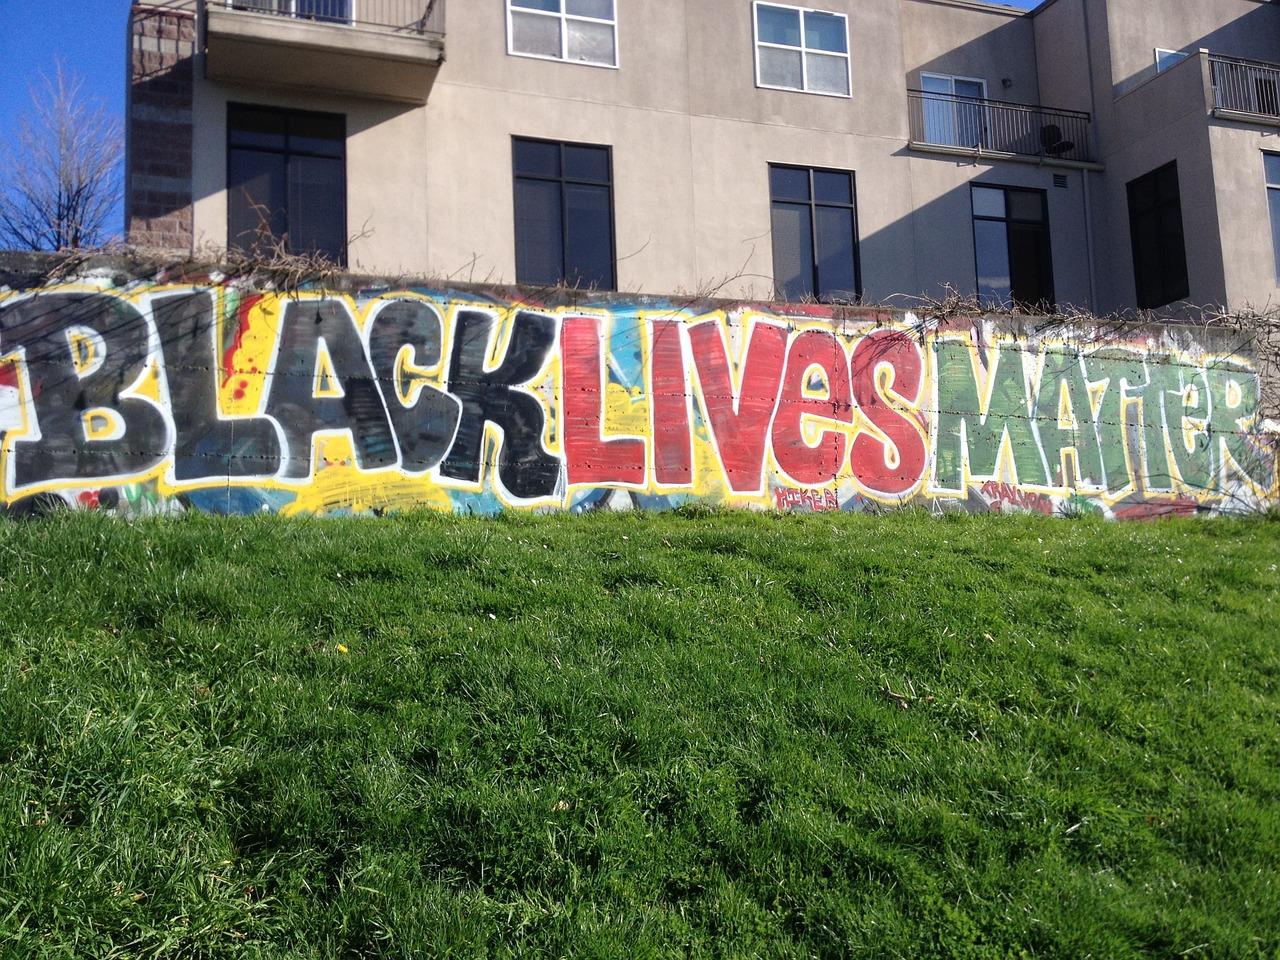 black lives matter 1011597 1280